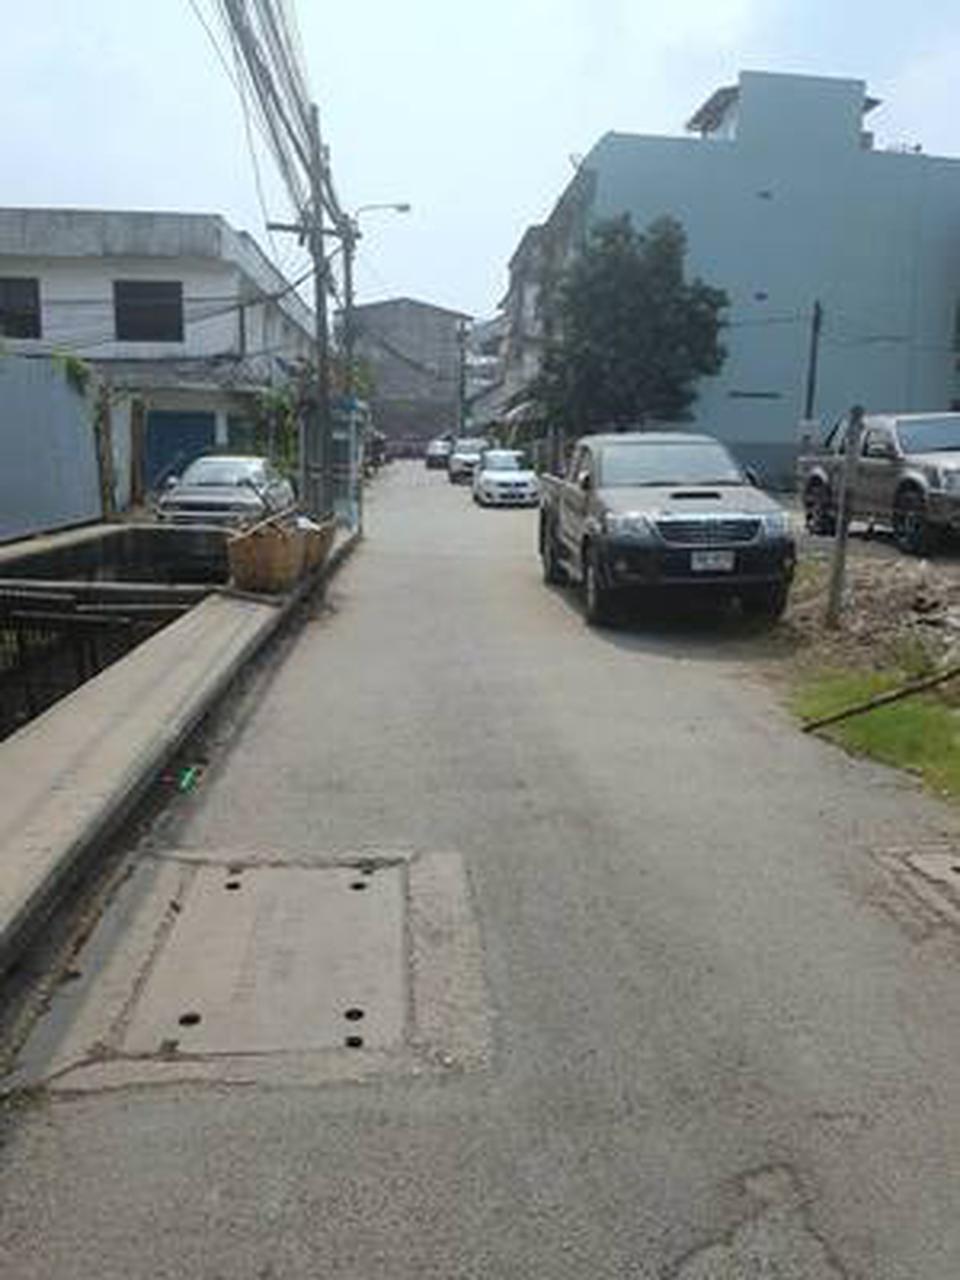 ขายที่ดินเปล่าถมแล้วในถนนสุขุมวิท กรุงเทพมหานคร รูปที่ 4